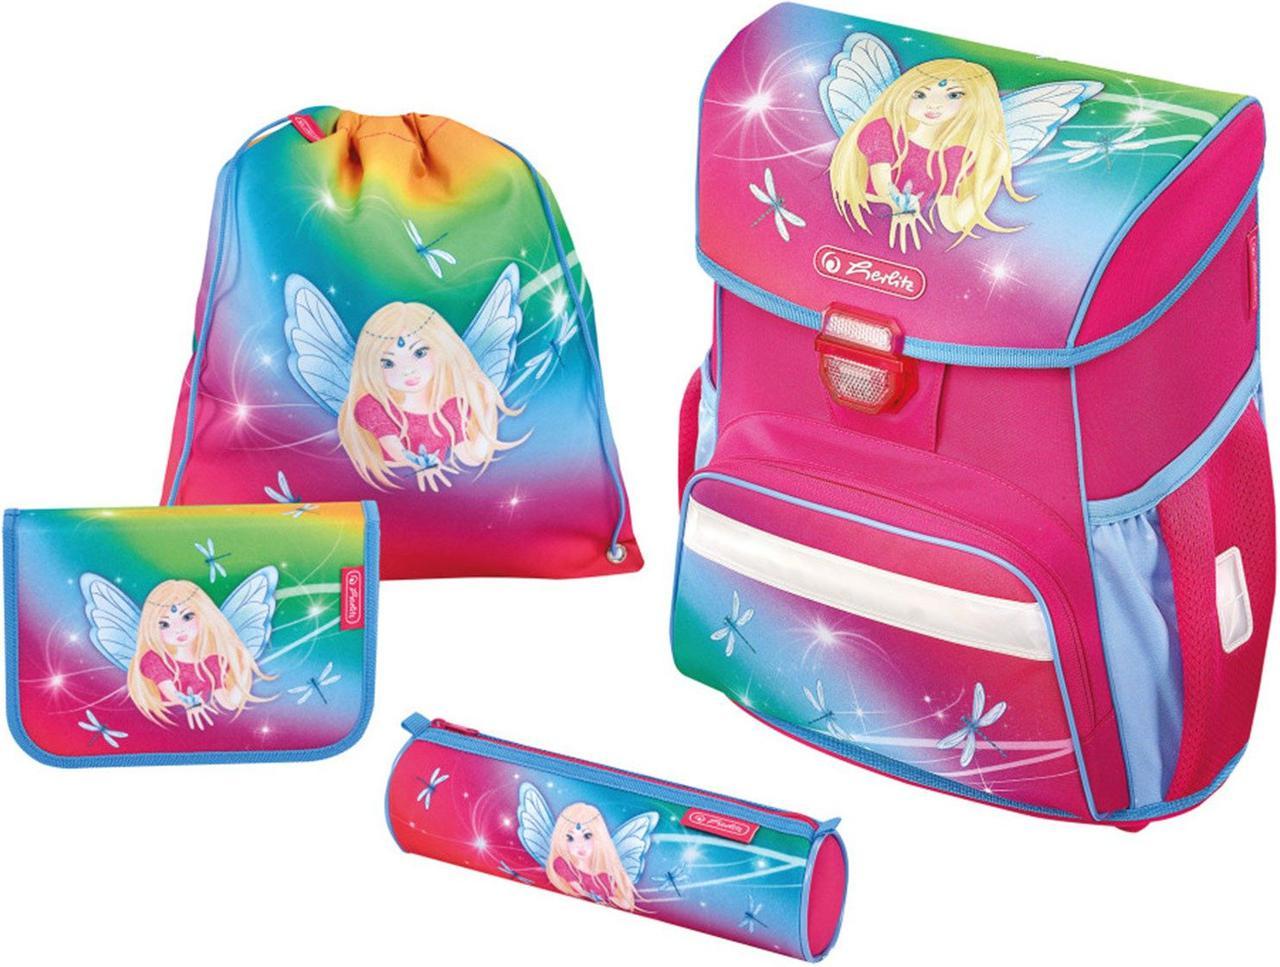 d907a93e76e3 Ранец Herlitz Loop Rainbow Fairy с девочкой феей 50013845 - Интернет  магазин